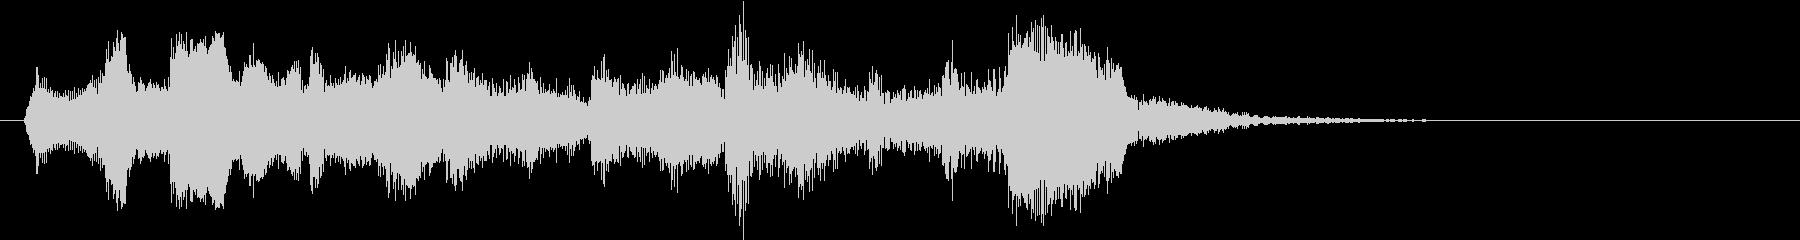 チェロ3重奏でゲームオーバーの未再生の波形